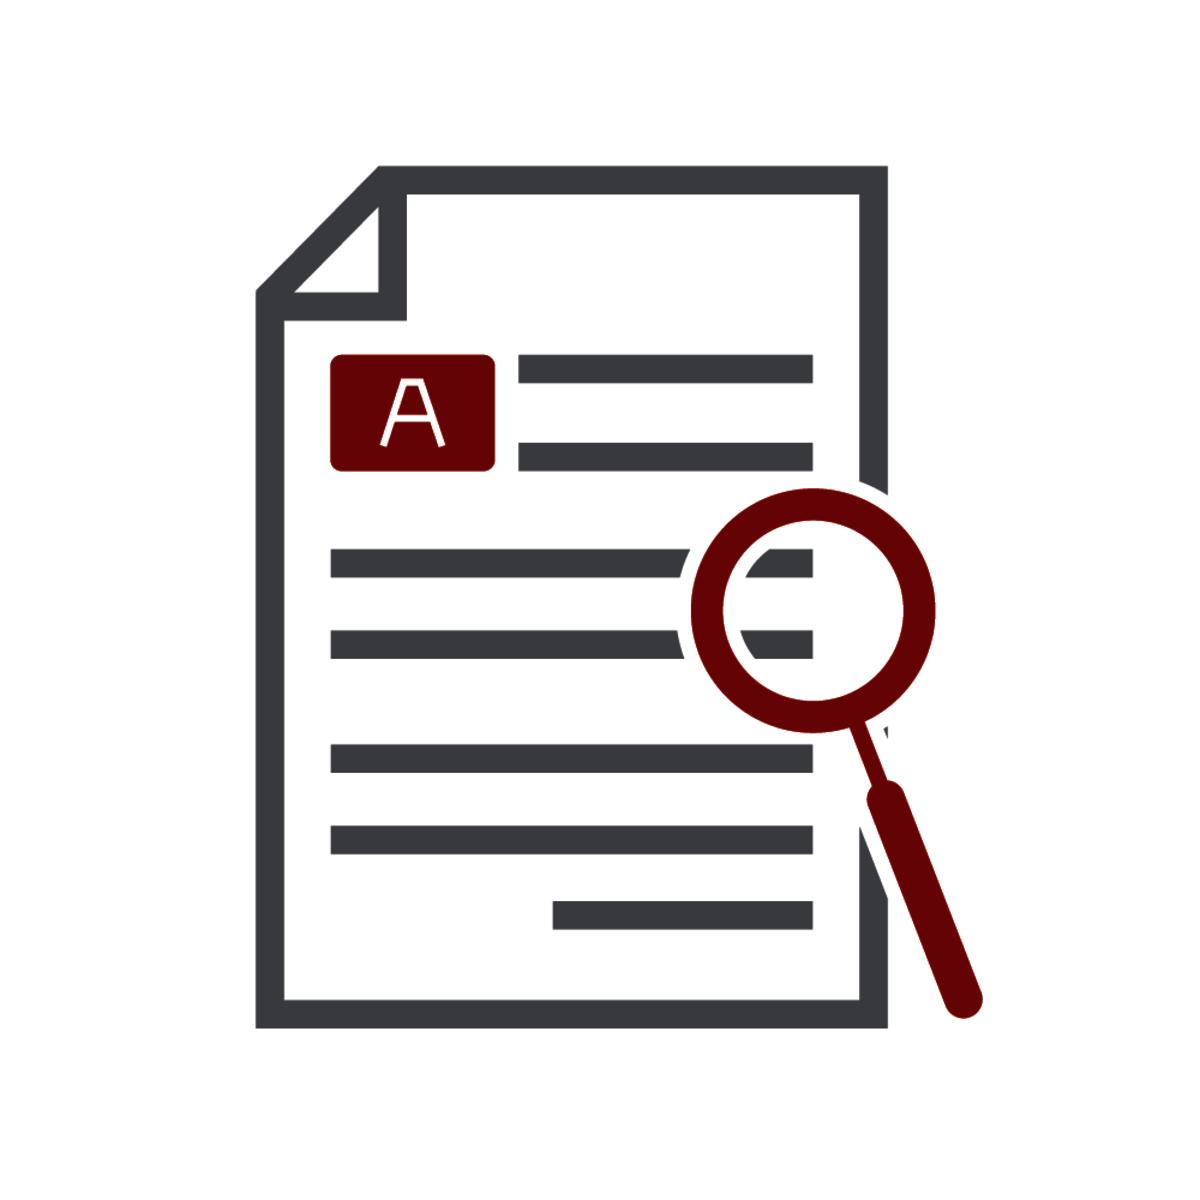 LT Lawtank - Traducciones jurídicas - Correcciones